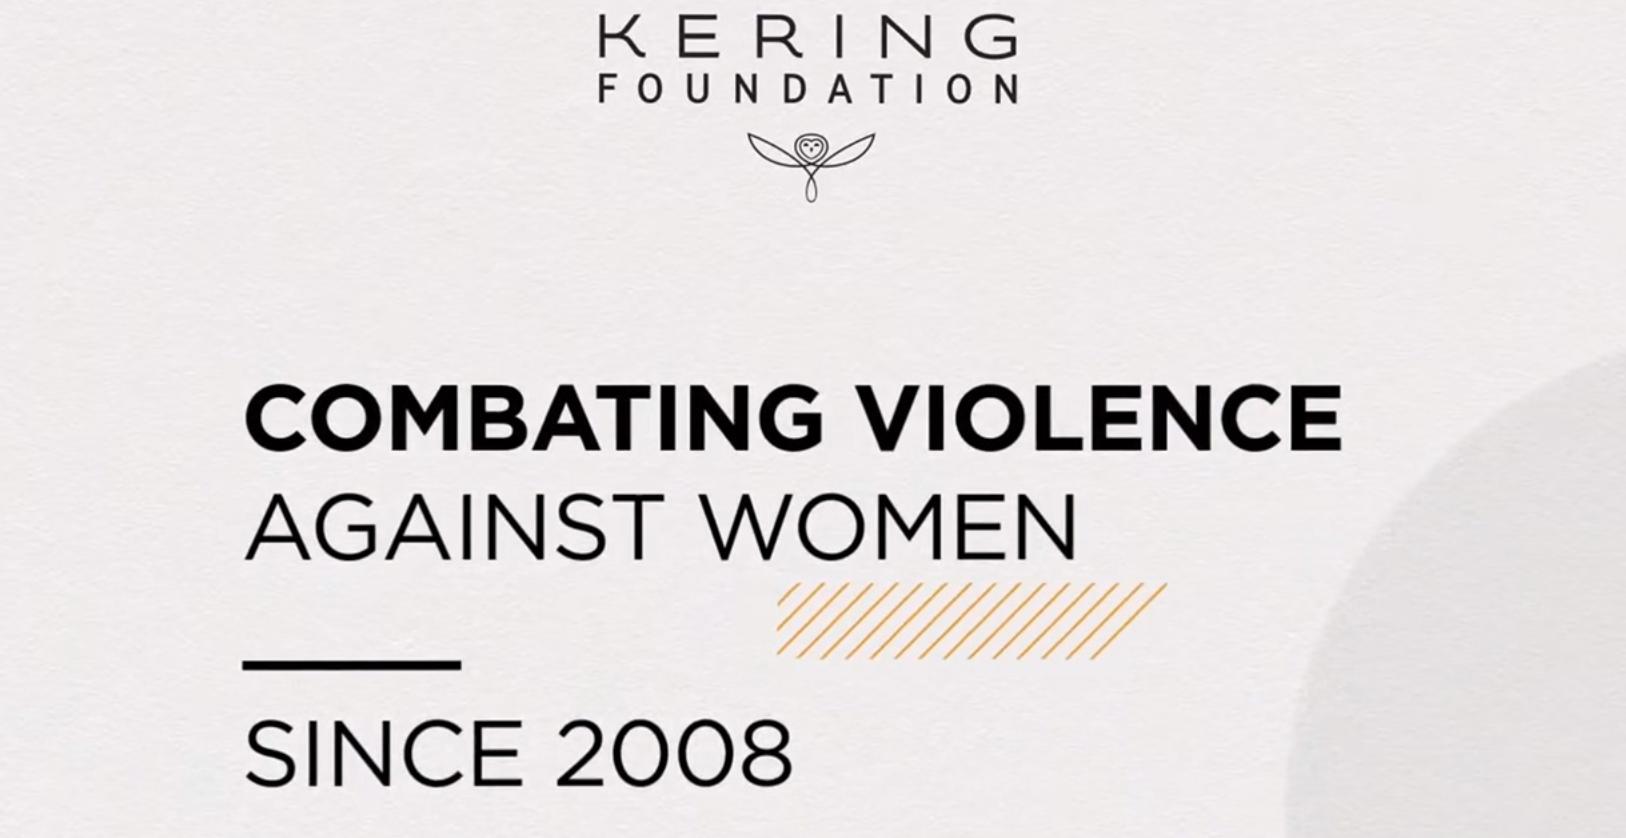 法兰西共和国开聚集团颁布实行妨碍家园暴力的寰球策略